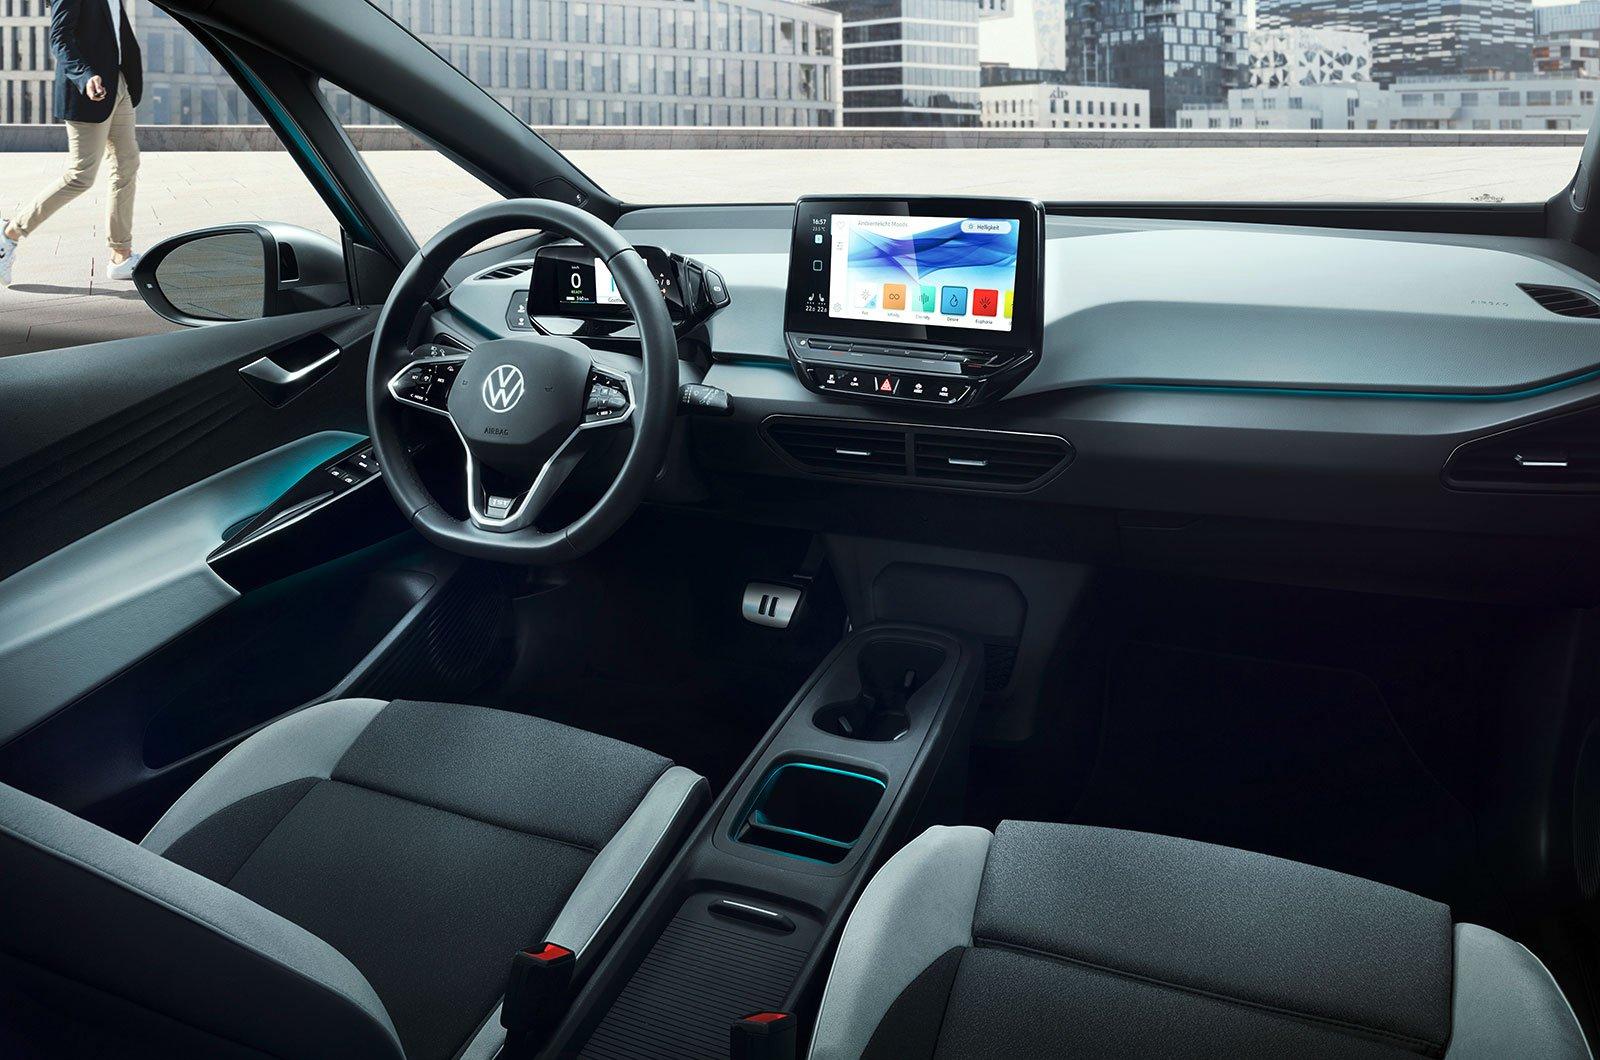 2020 Volkswagen ID 3 interior